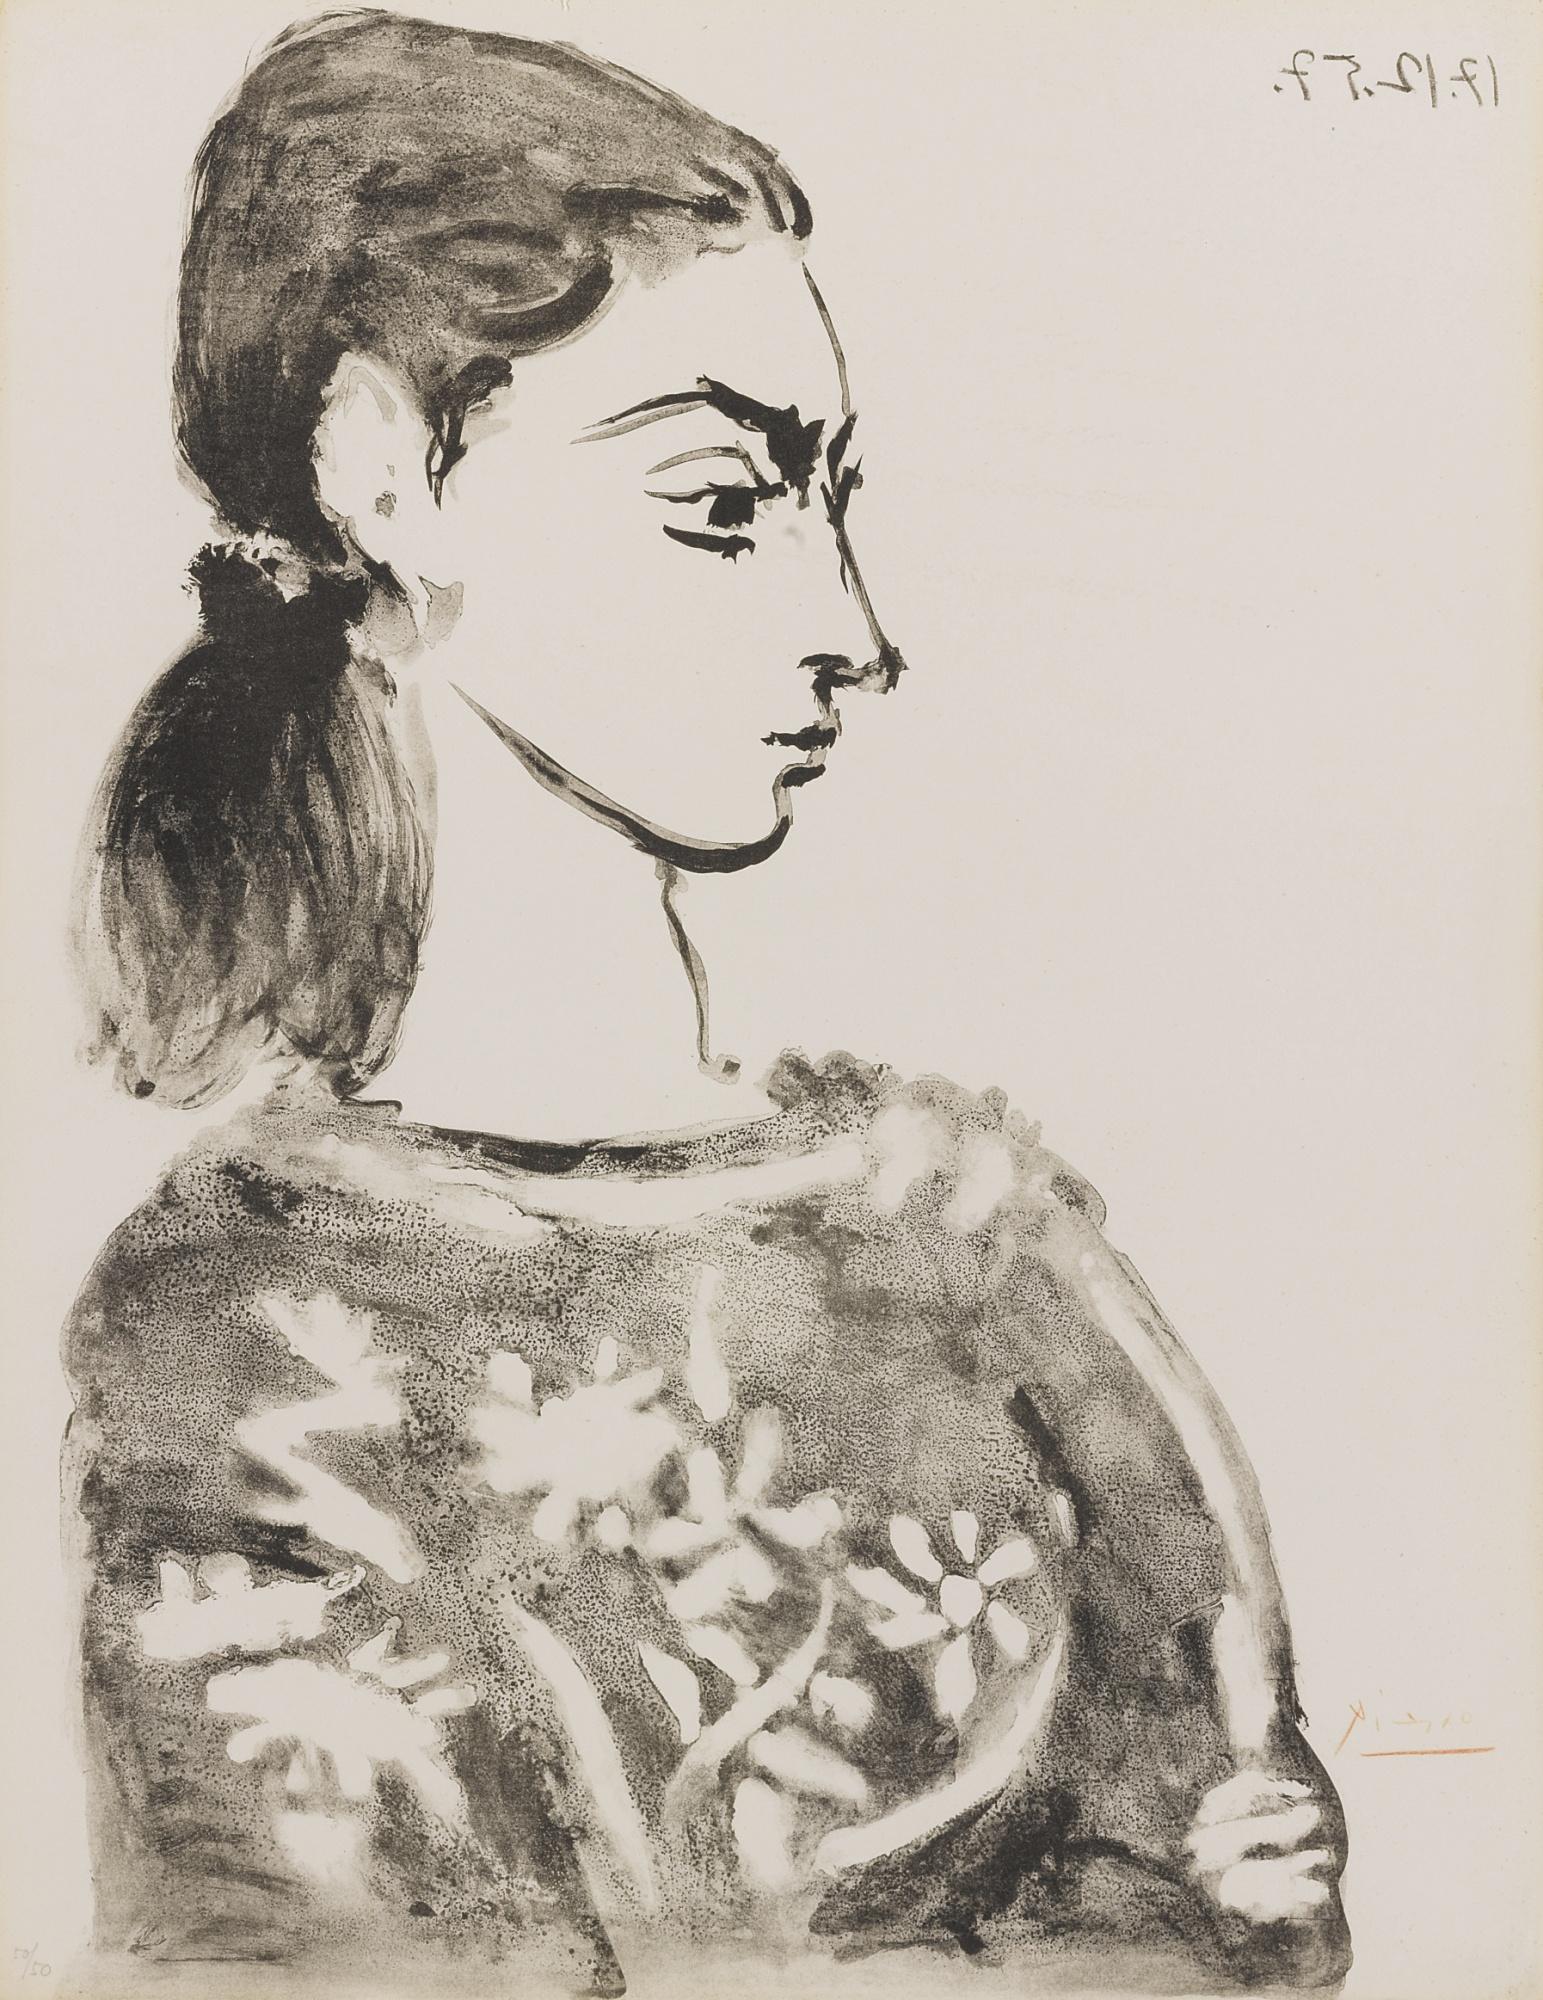 Pablo Picasso-Femme Au Corsage A Fleurs (Bloch 846; Mourlot 307)-1957